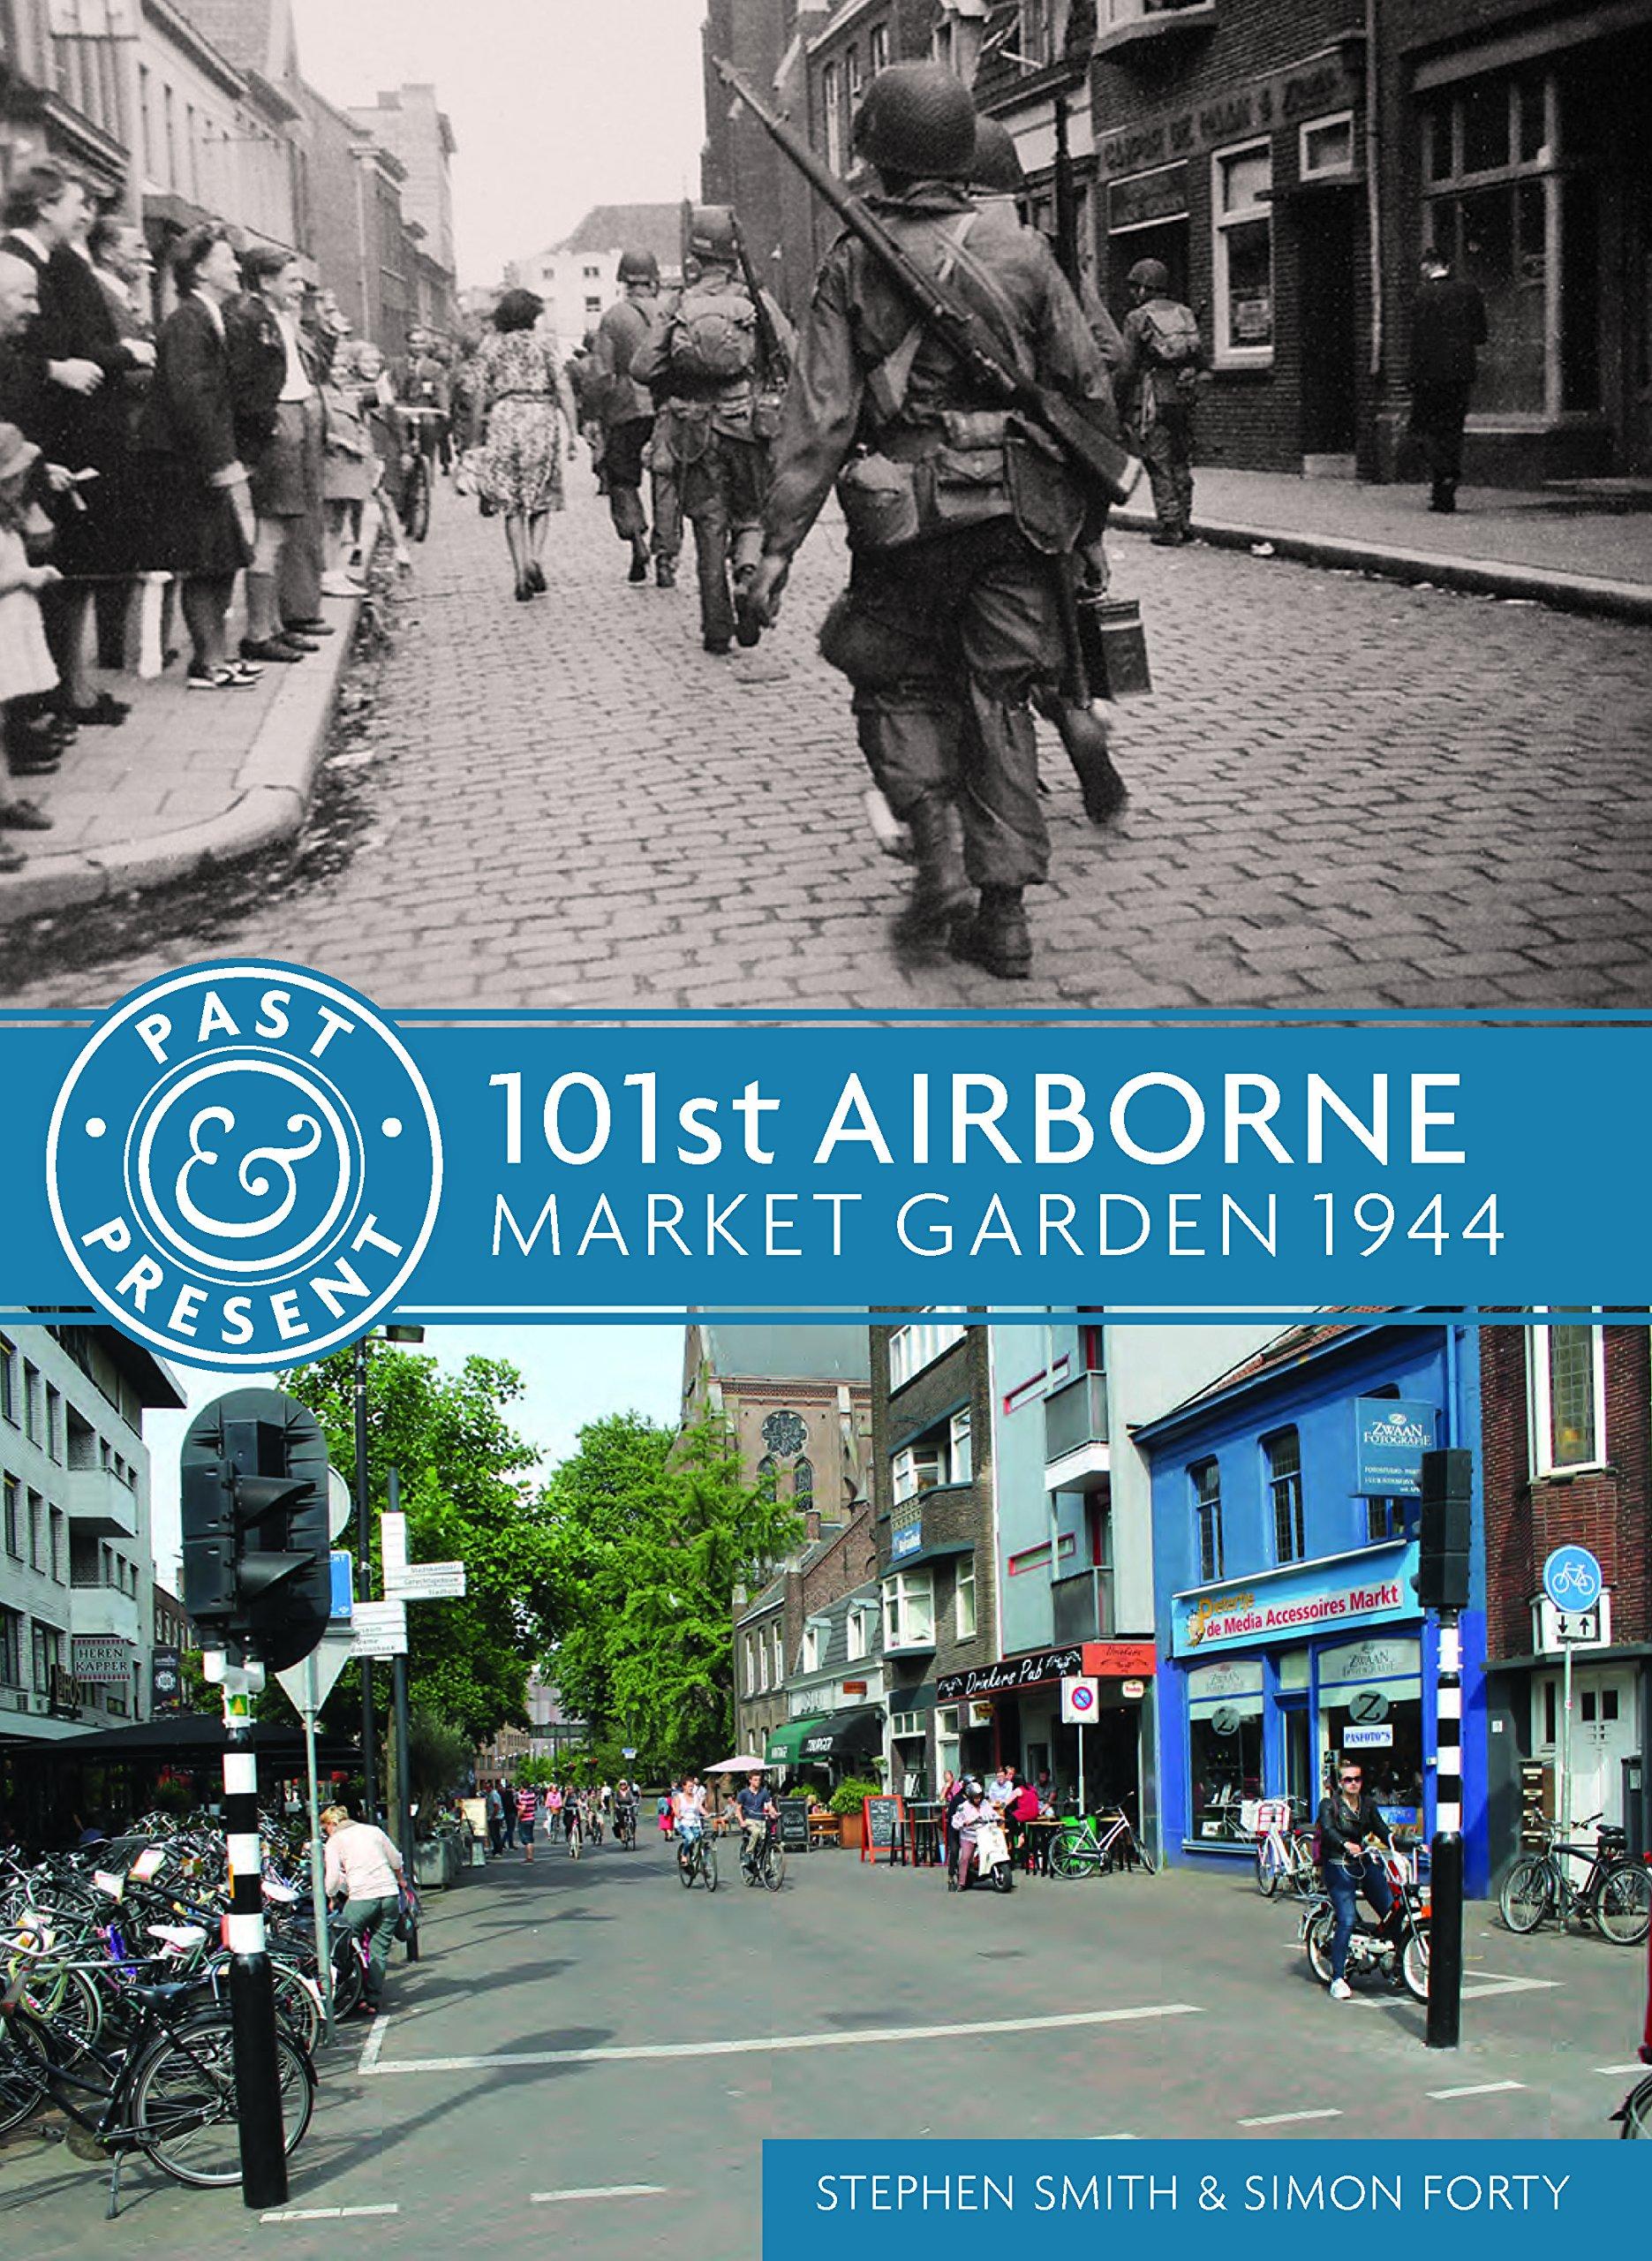 101st airborne market garden 1944 past present